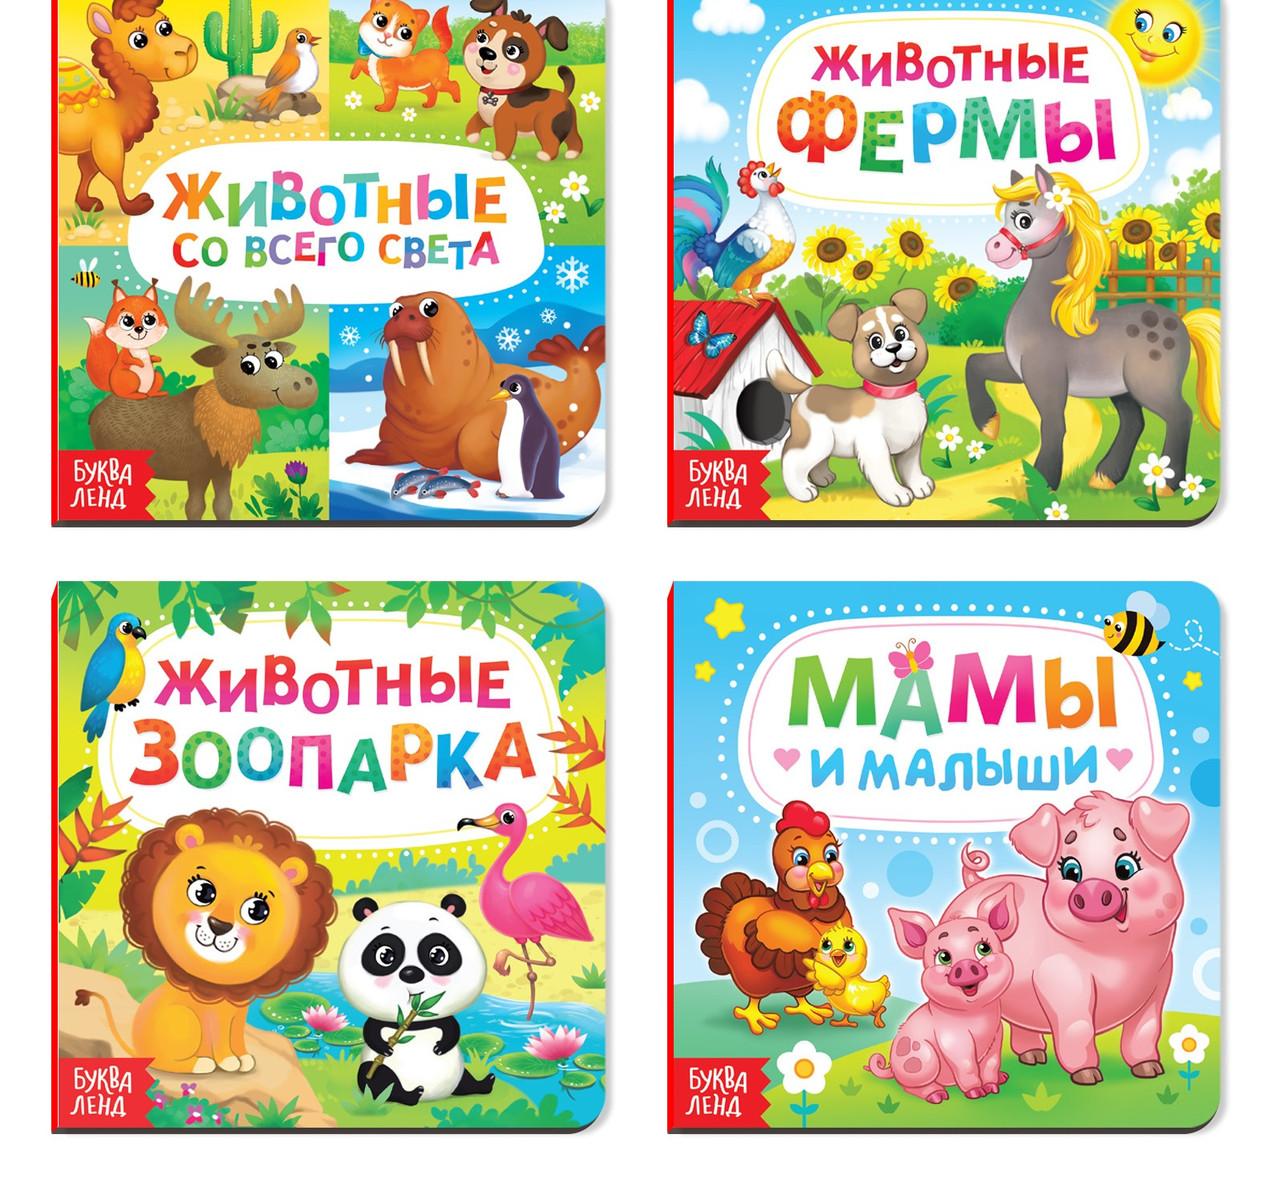 Книги картонные набор «Животные», 4 шт., по 10 стр.